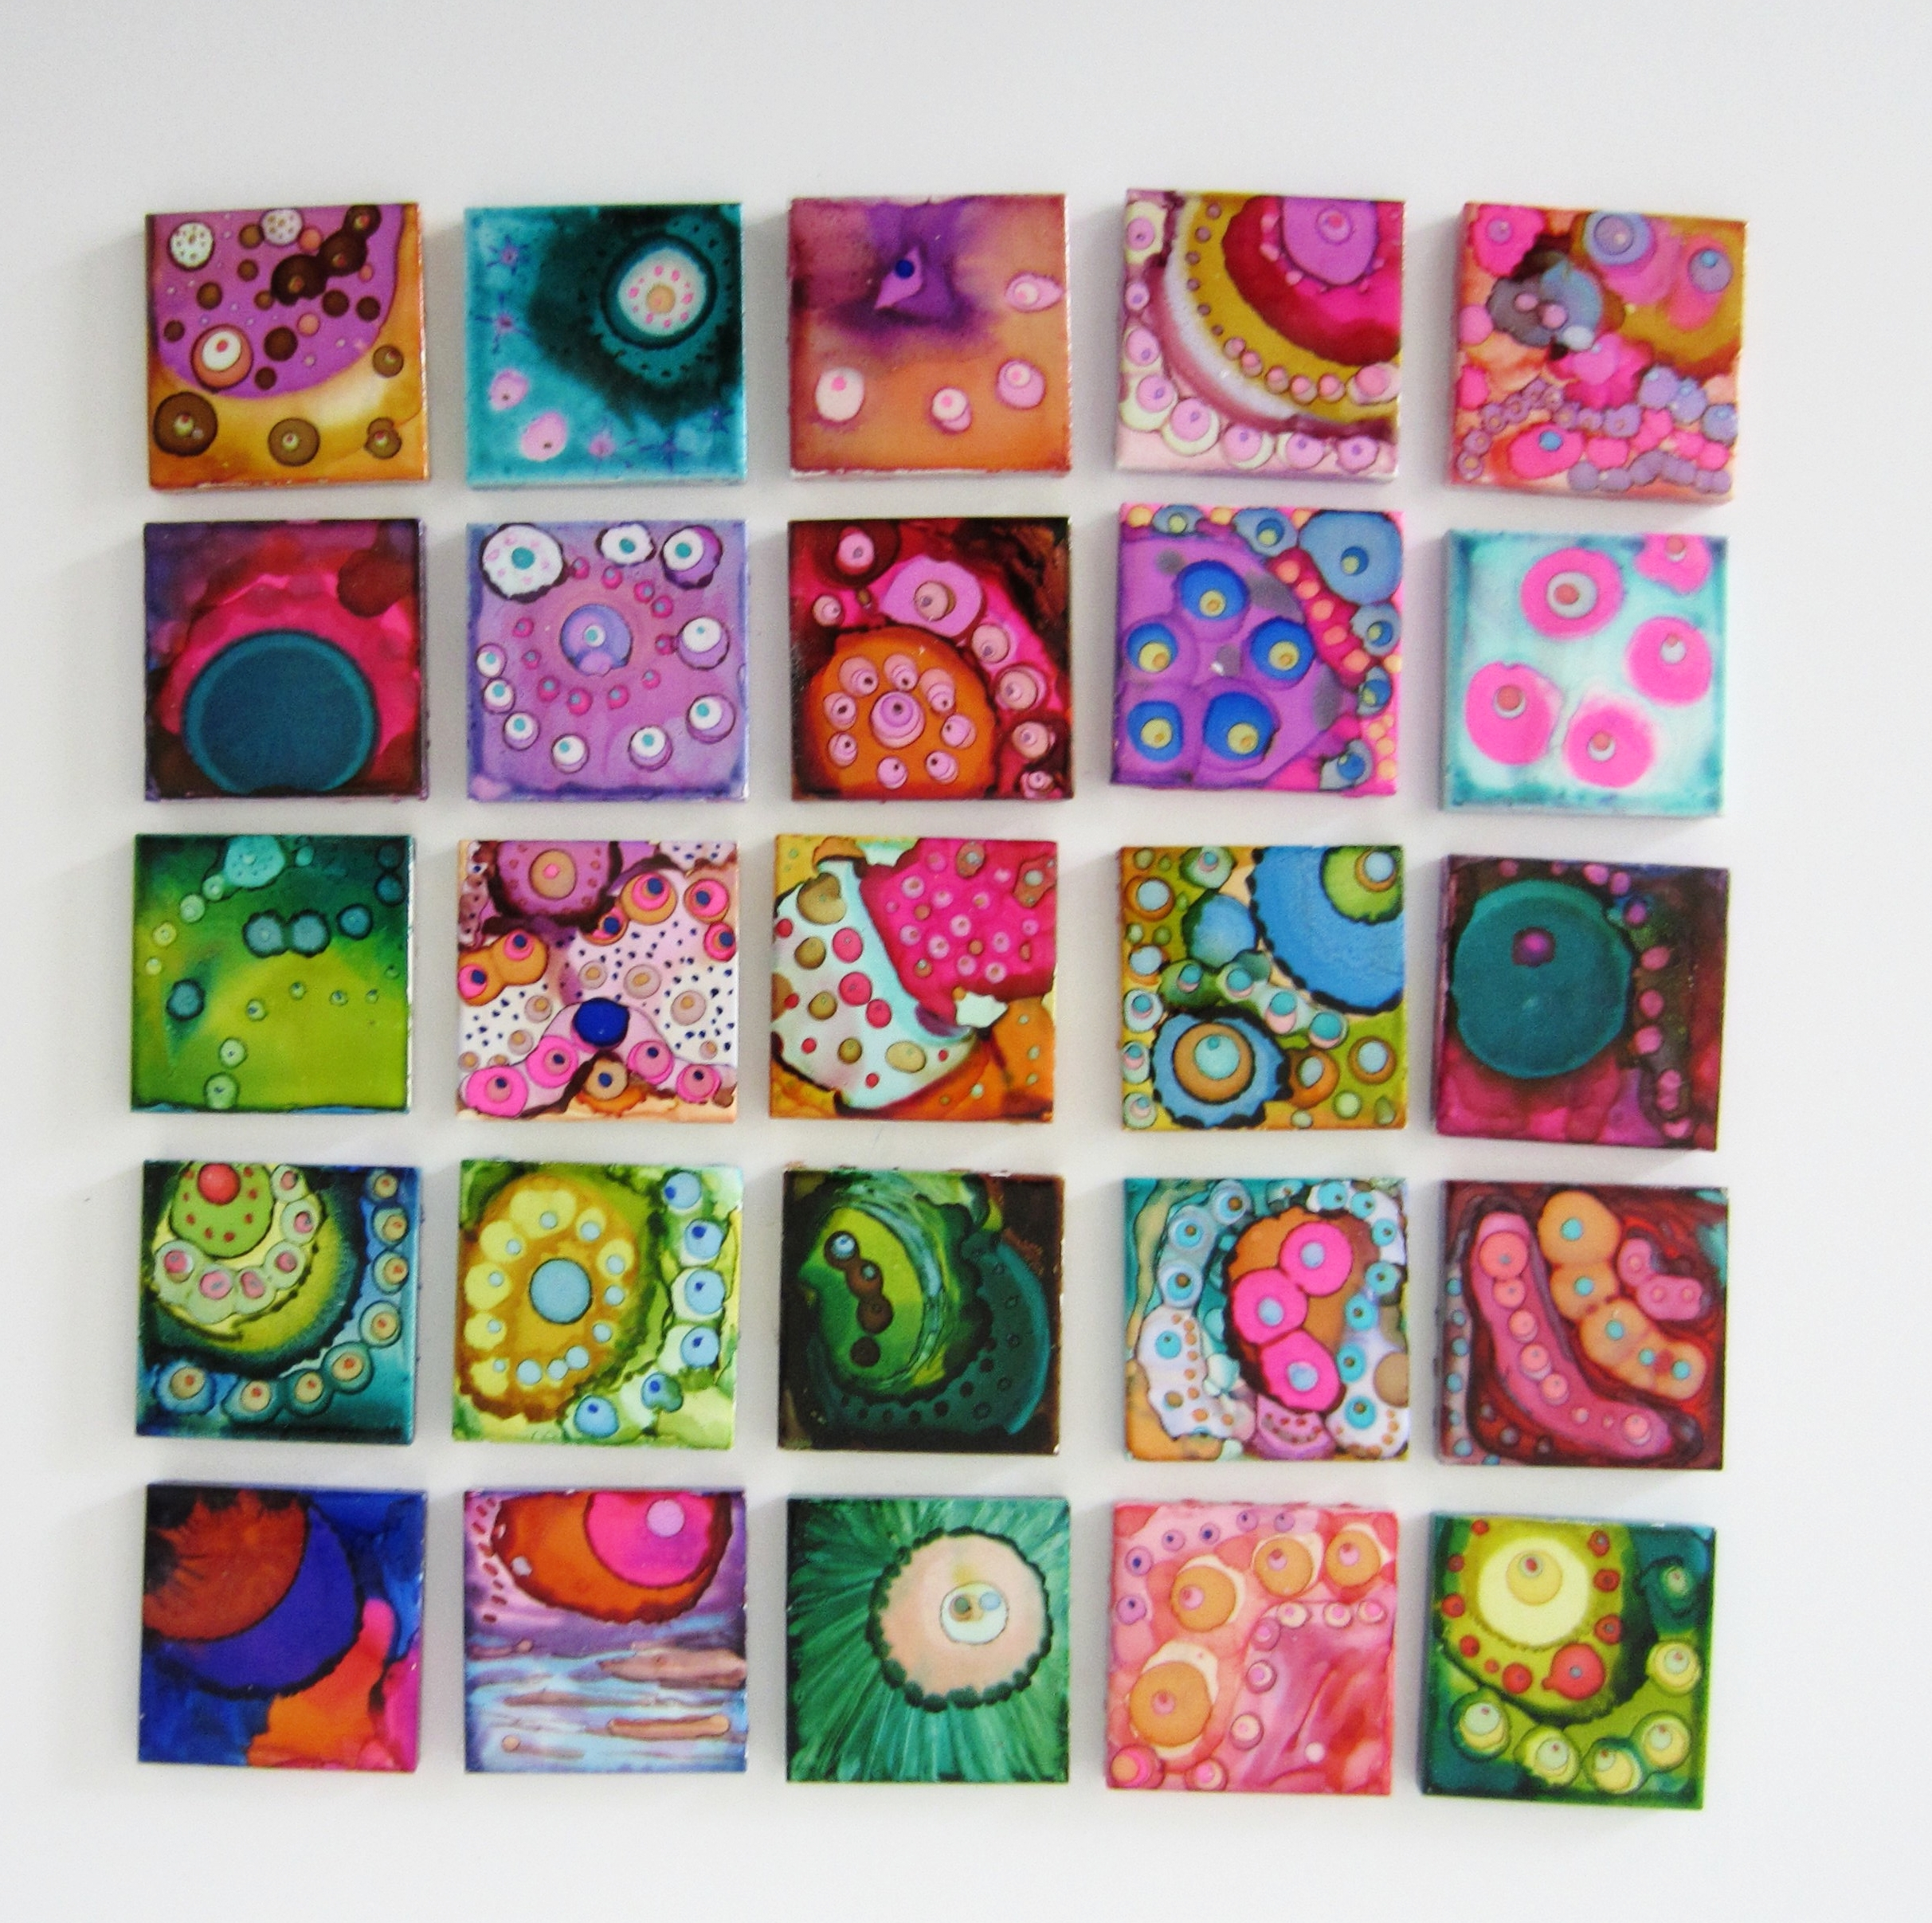 Art-o-mat pieces